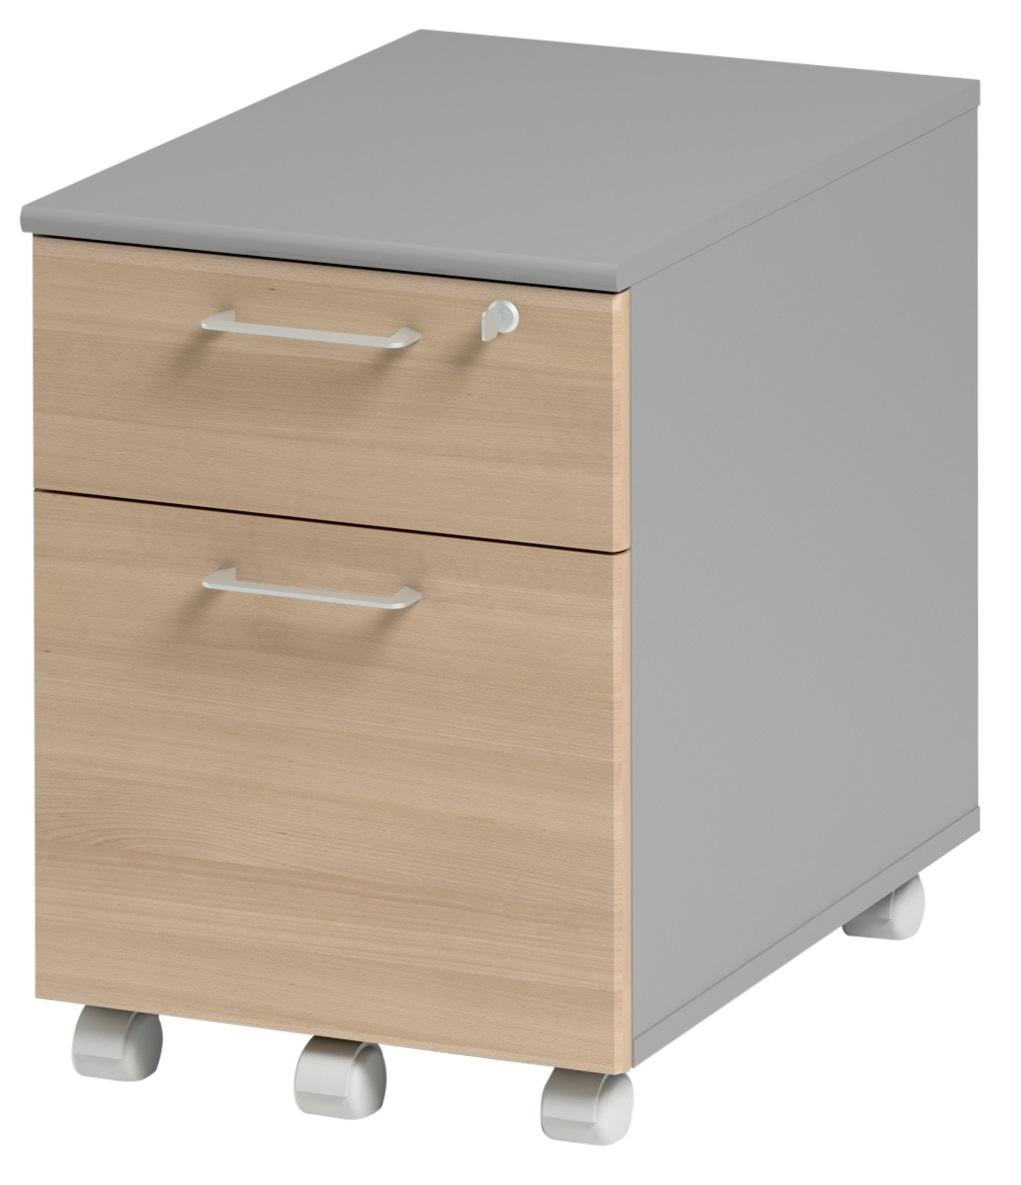 Ladeblok Jazz 1 van 60 cm hoog in beuken met licht grijs